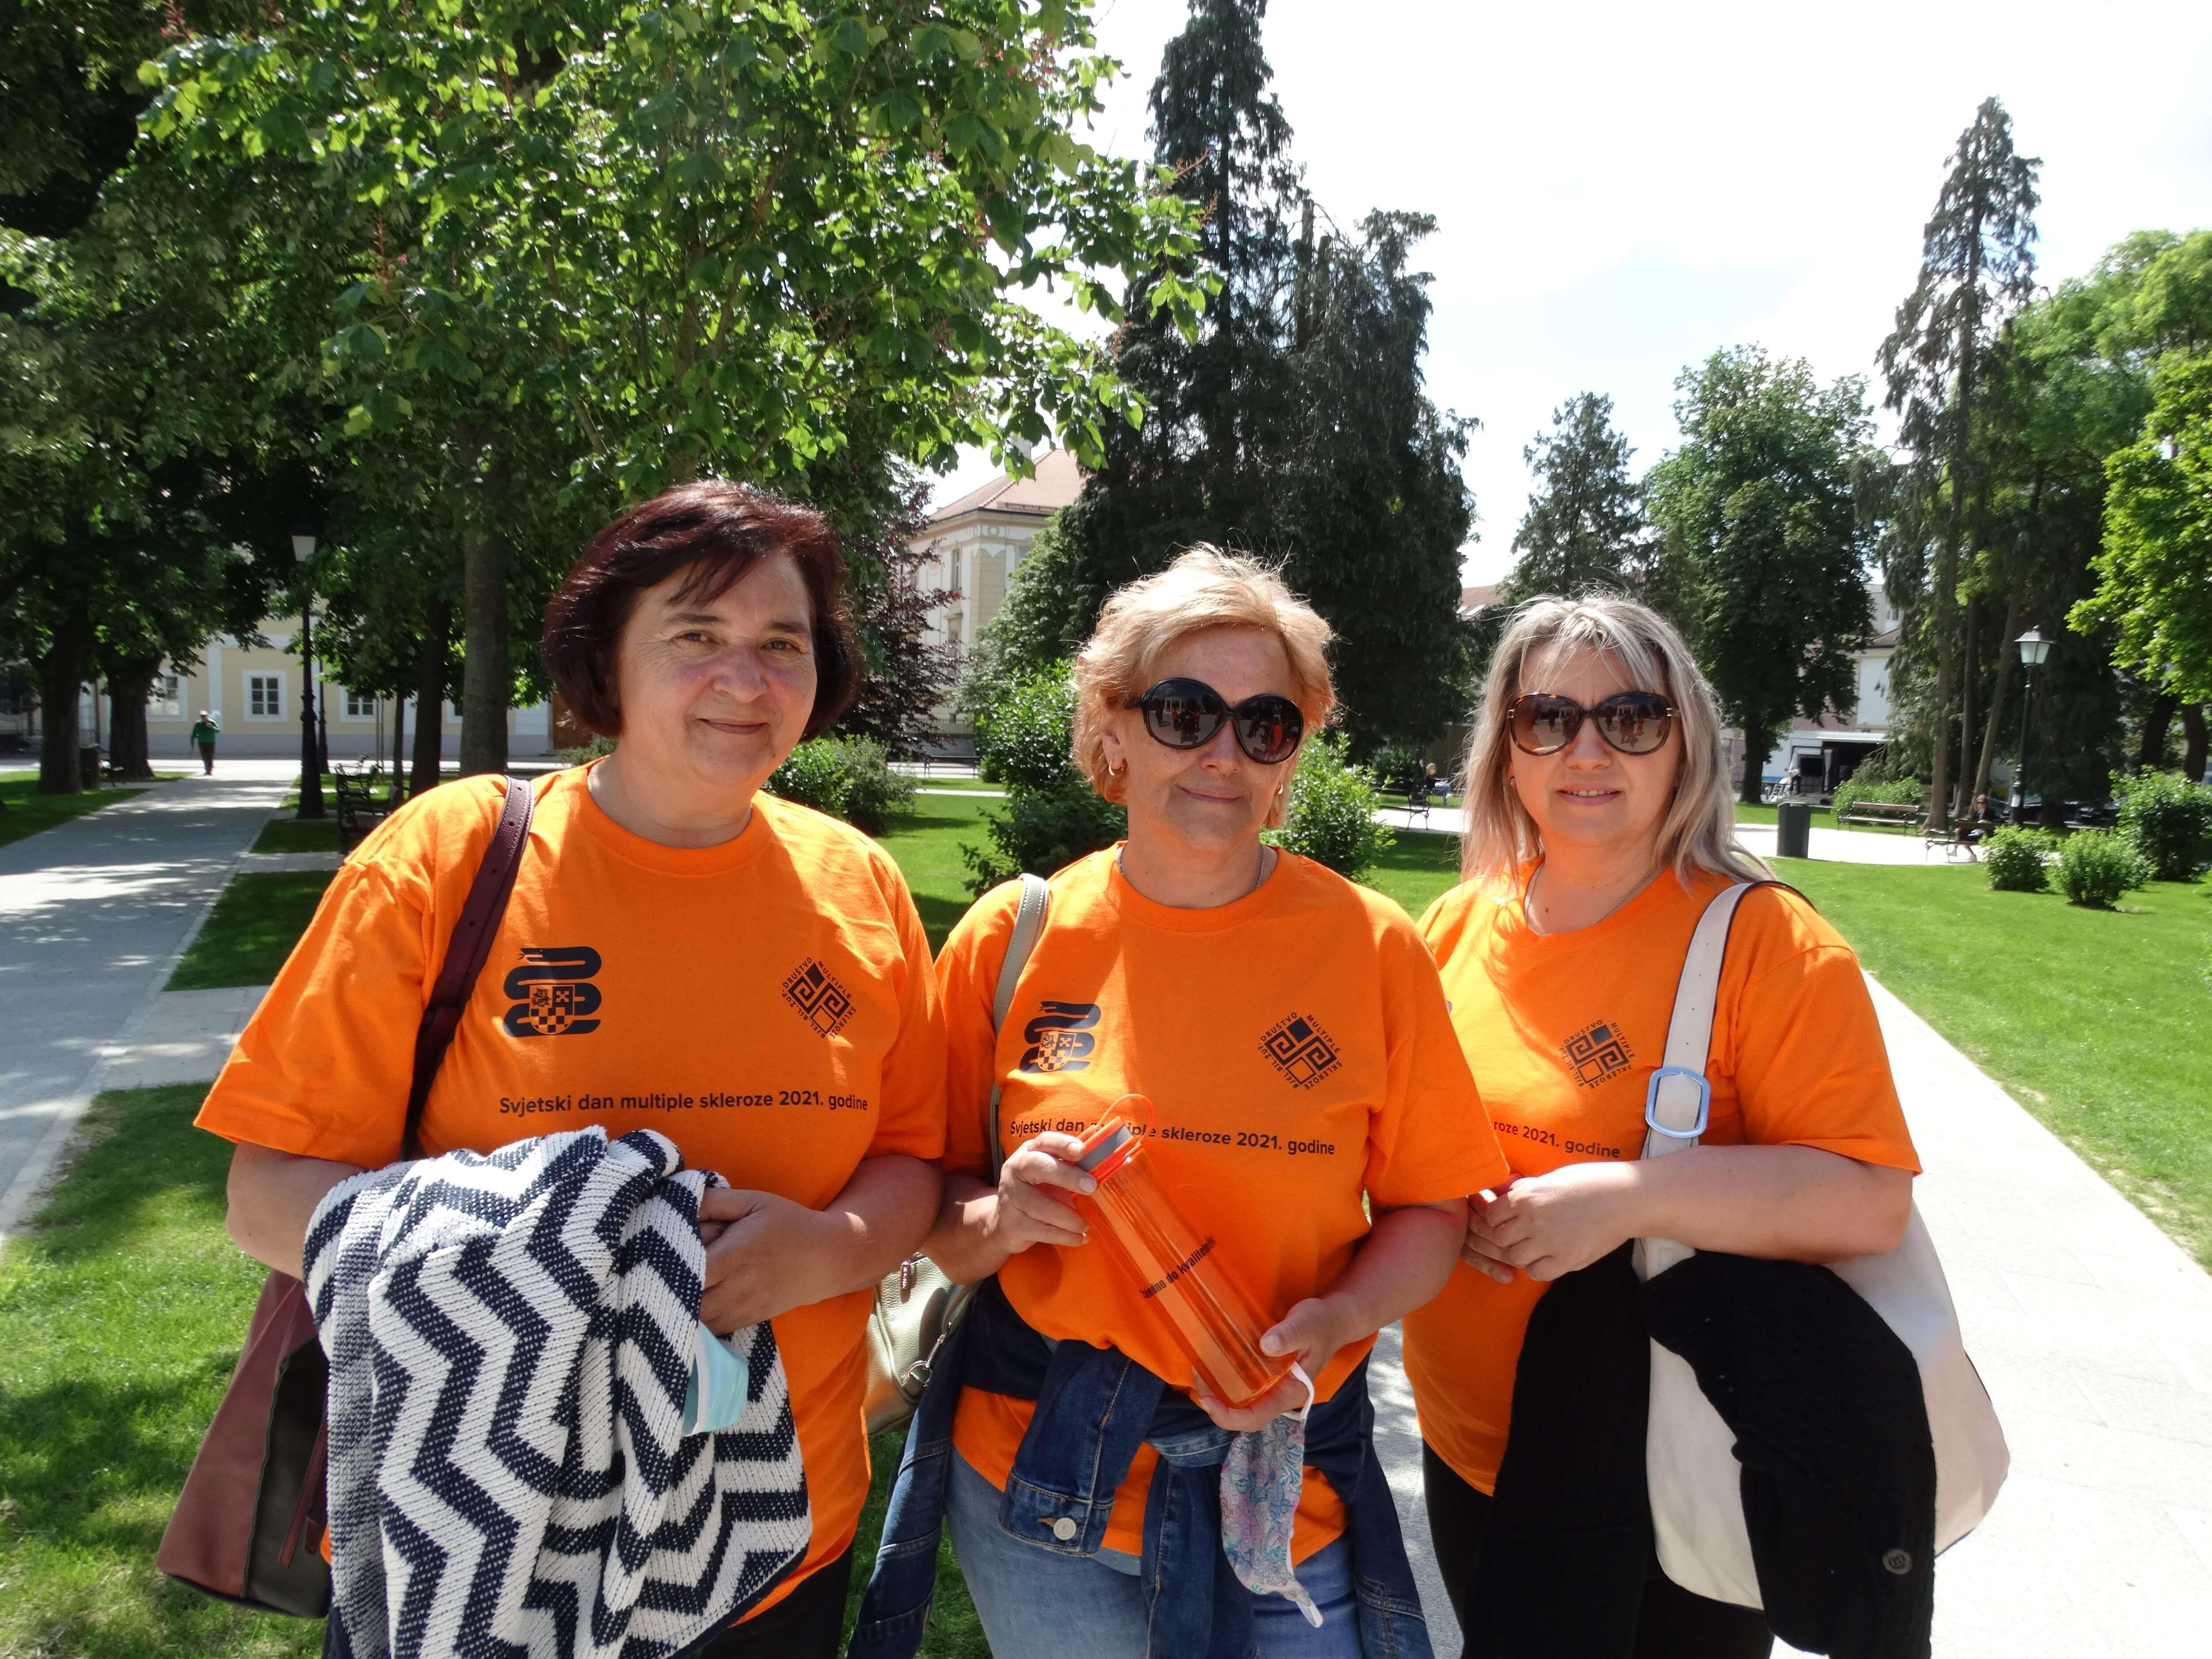 Svjetski dan multiple skleroze